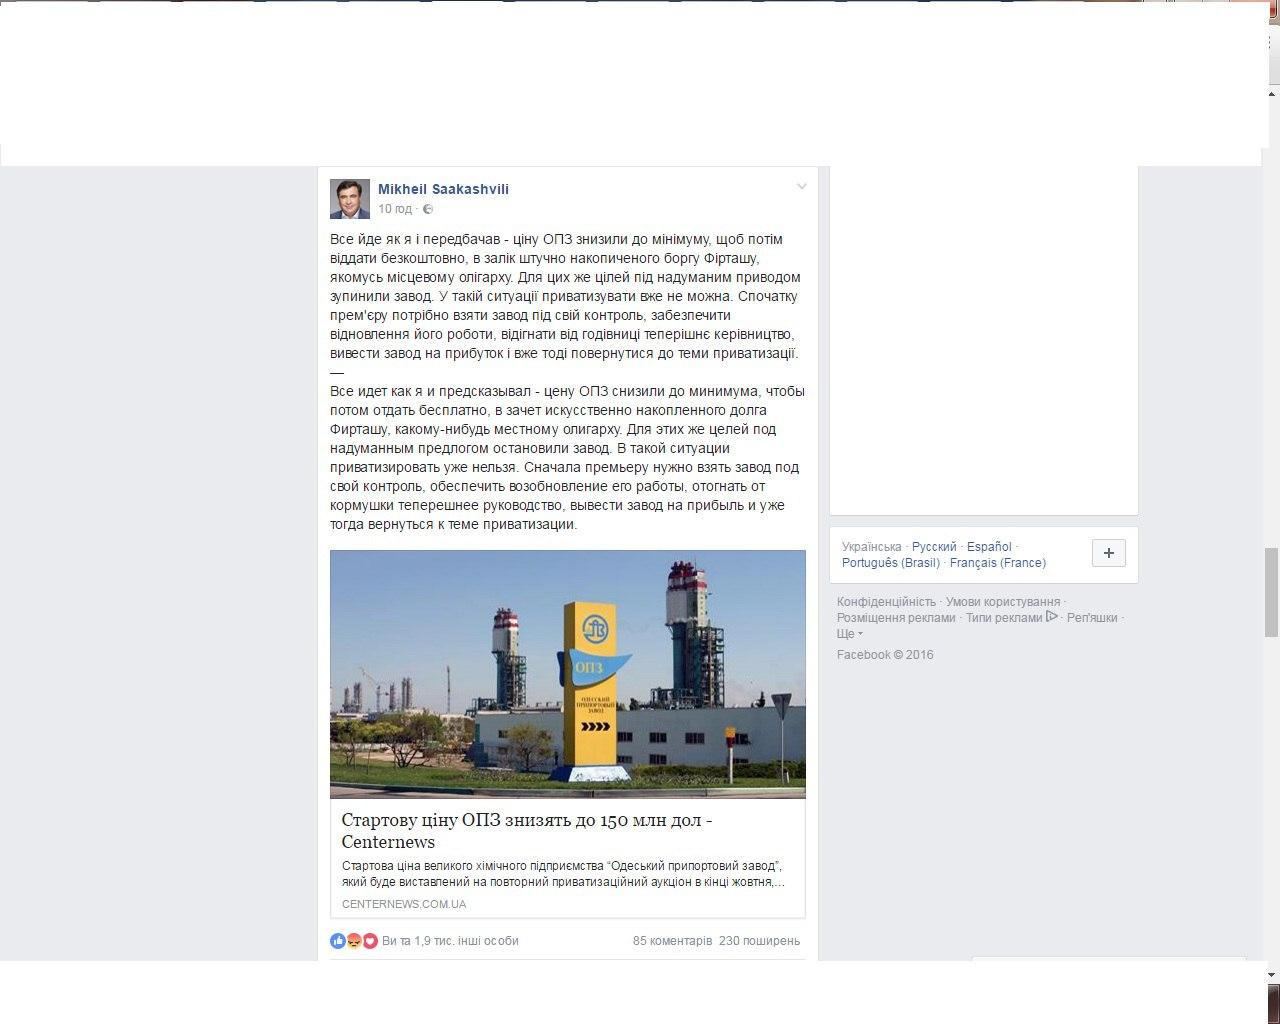 Рынок 7-й километр ежемесячно отправляет $800 тысяч Януковичу и на поддержание Донбасса, - Саакашвили - Цензор.НЕТ 2435